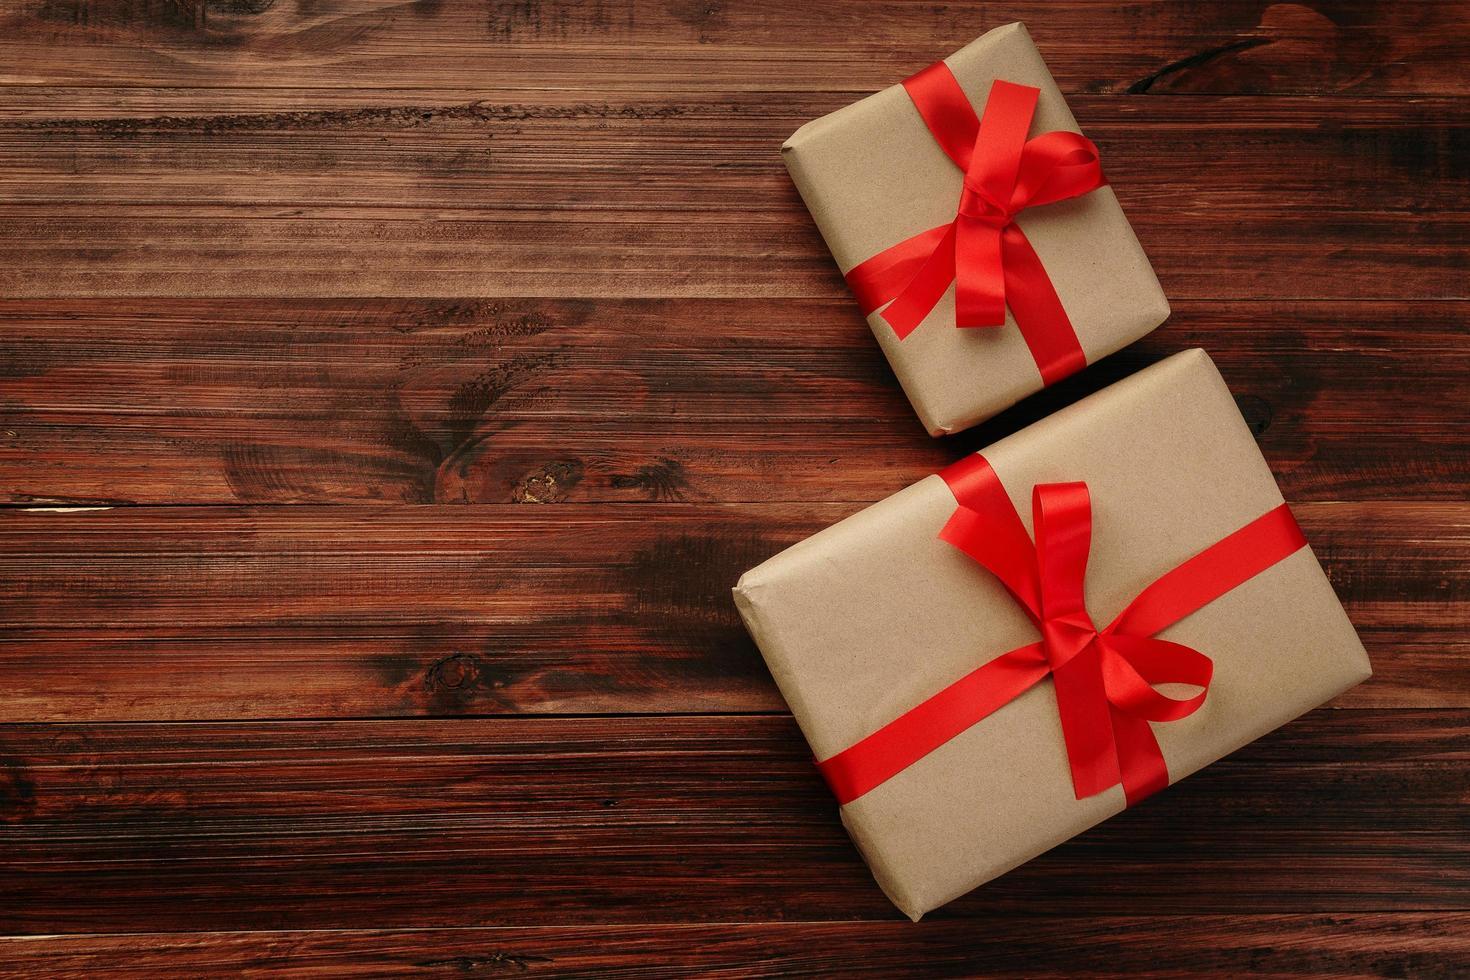 Draufsicht von Weihnachtsgeschenken auf Holzoberfläche foto